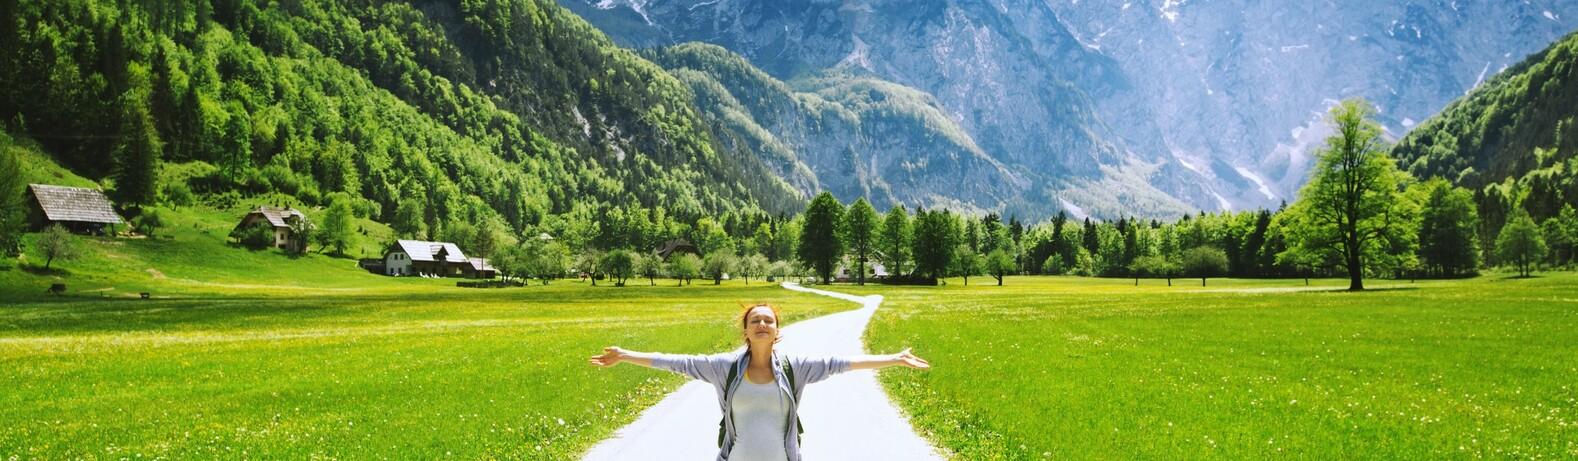 Putovanja po Sloveniji